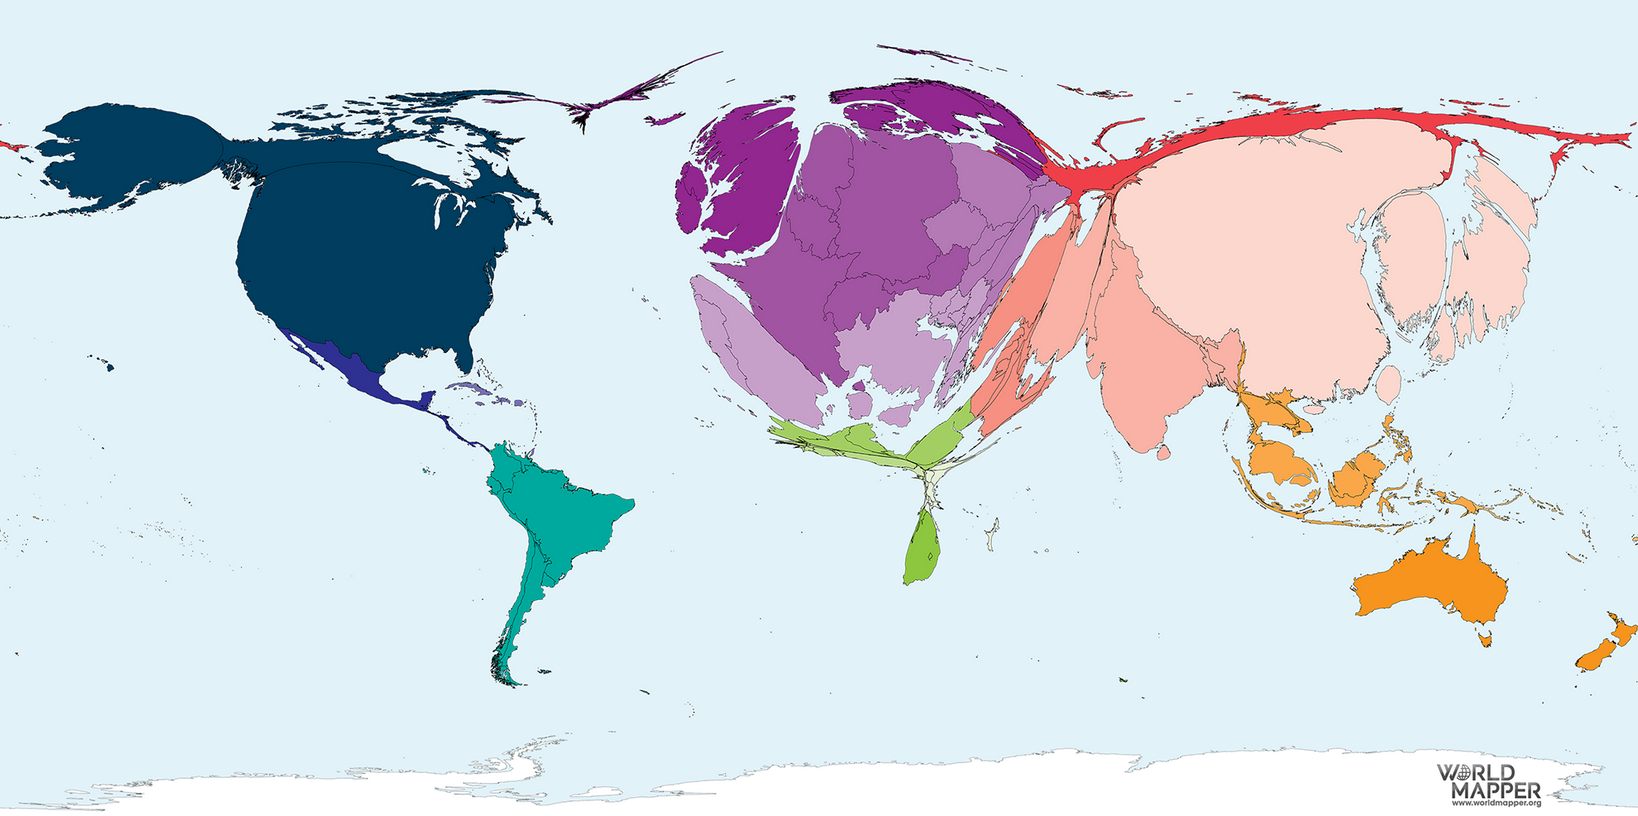 Kartta kuvaa eri värein maiden ja maanosien julkaisuvoluumia.